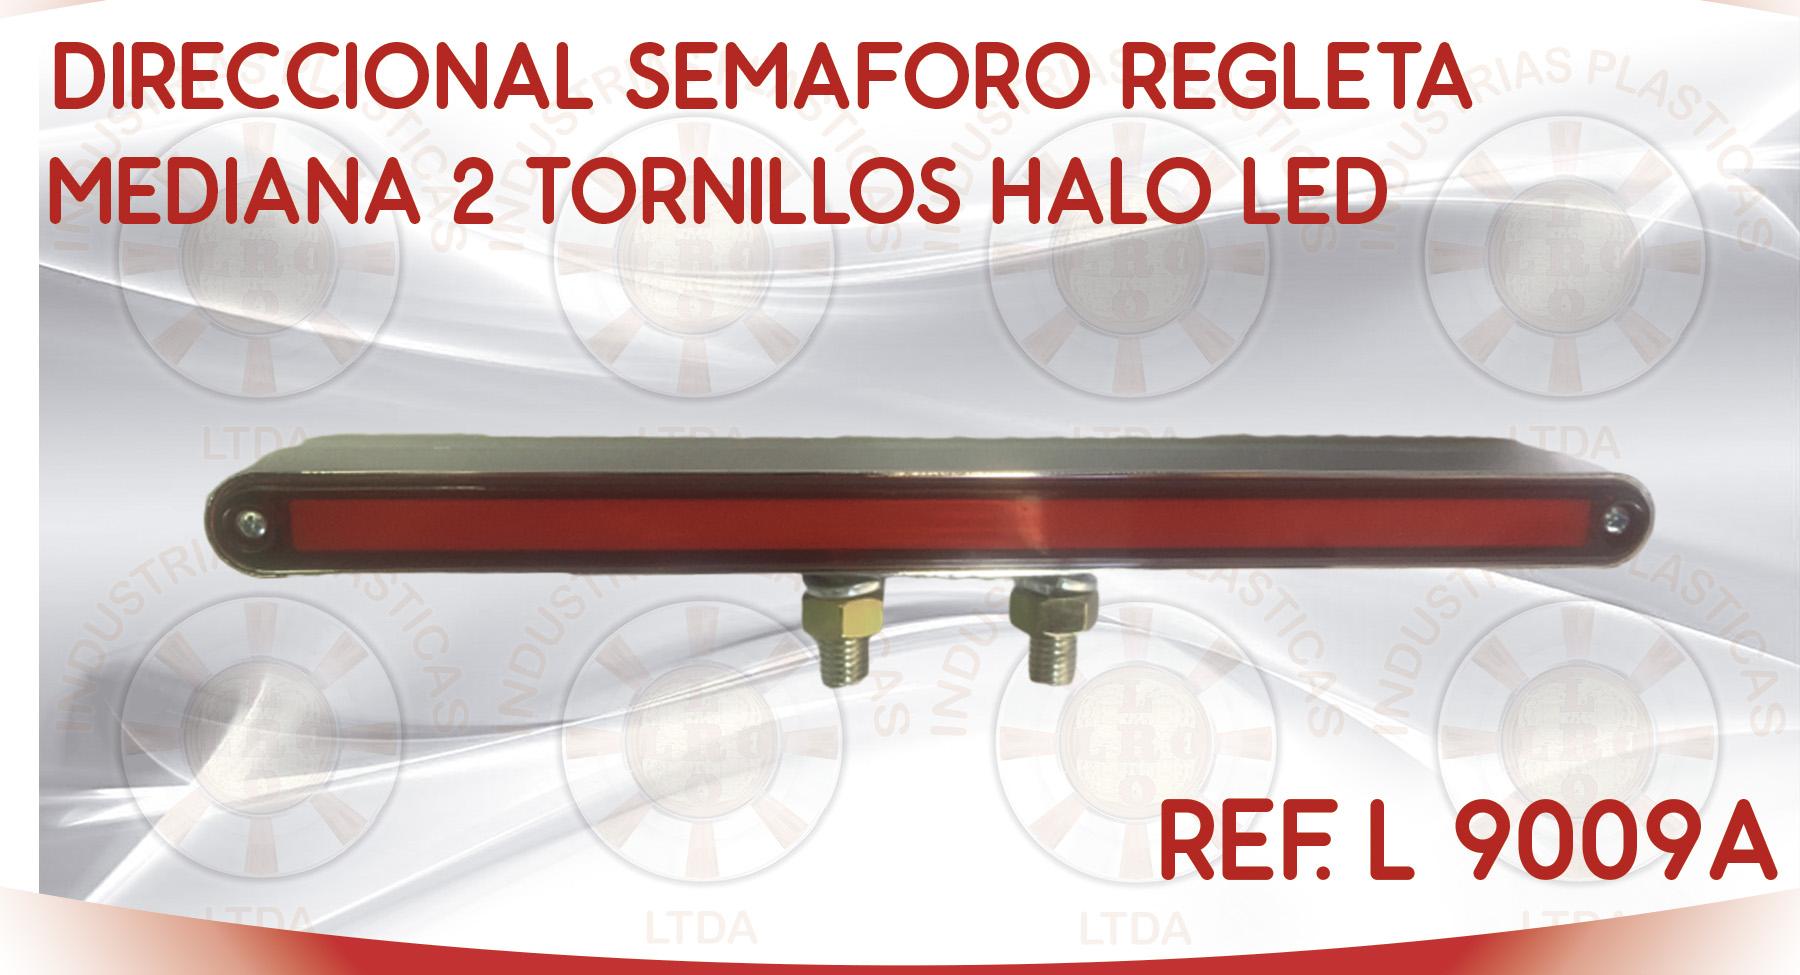 L 9009A DIRECCIONAL SEMAFORO REGLETA MEDIANA 2 TORNILLOS HALO LED